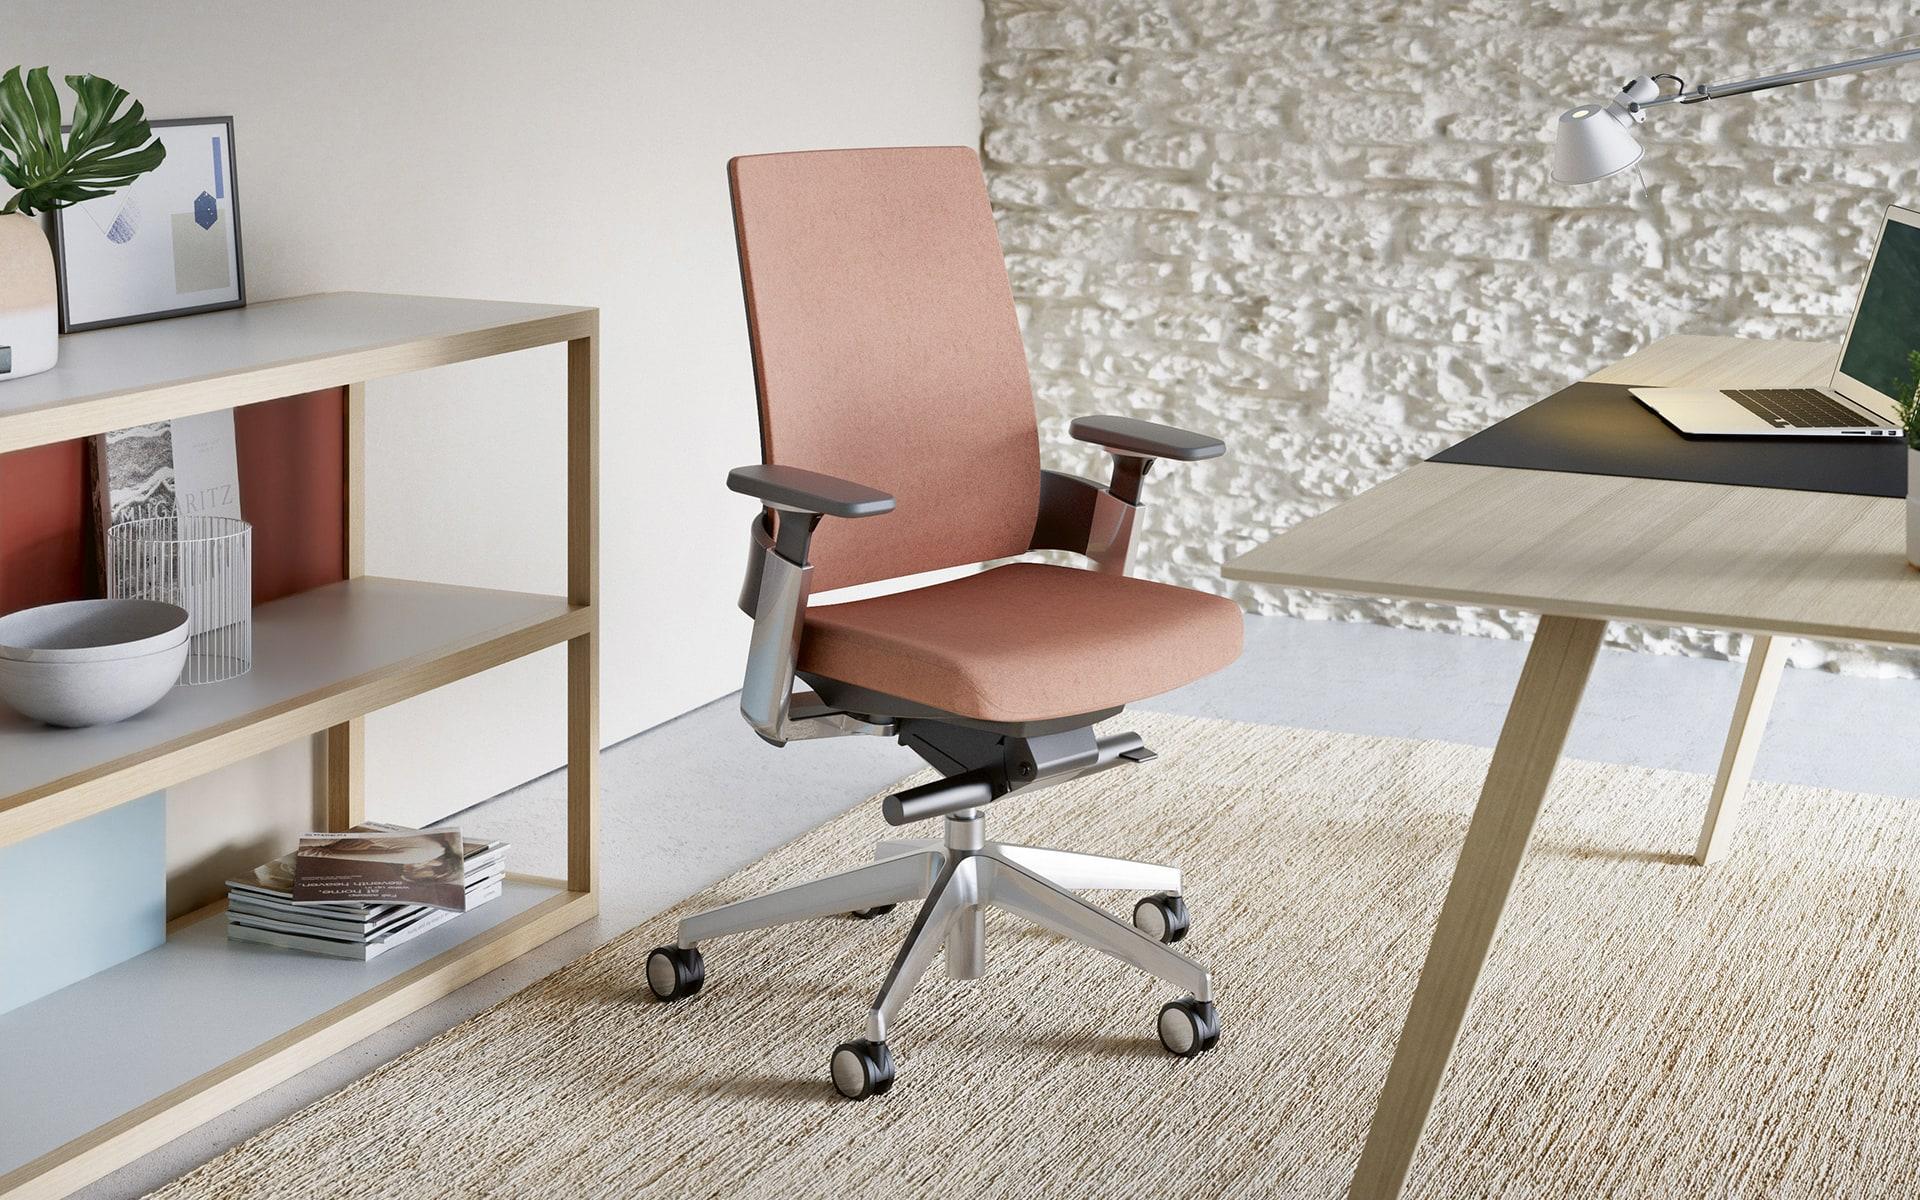 Forma 5 3.60 Bürostuhl von ITO Design mit orangefarbenem Polster in stylischem Büro